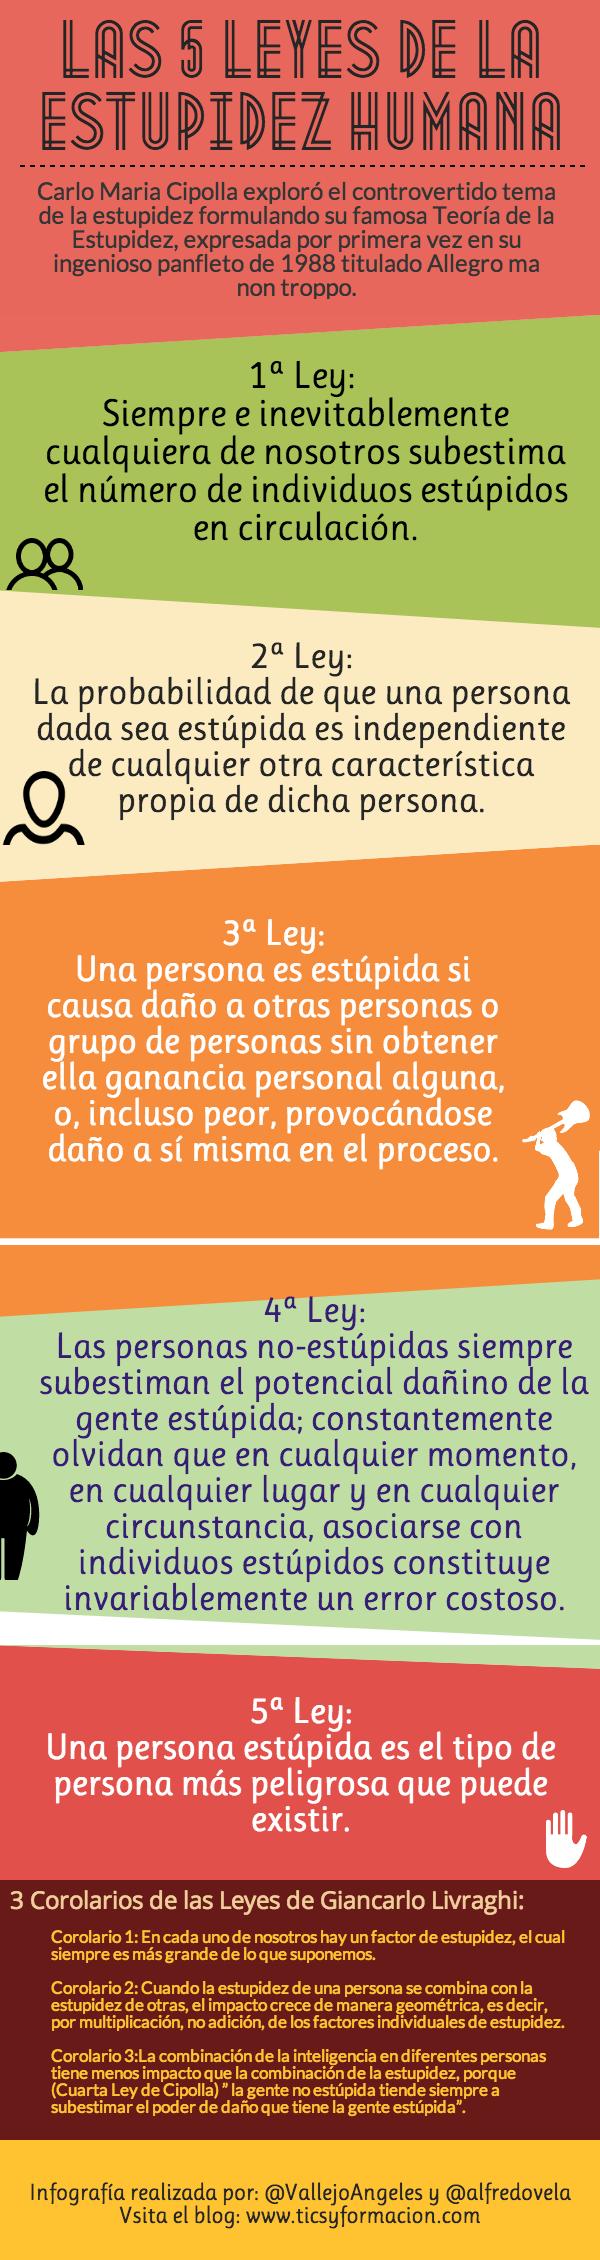 Las 5 leyes de la Estupidez Humana (Carlos María Cipolla) y 3 corolarios